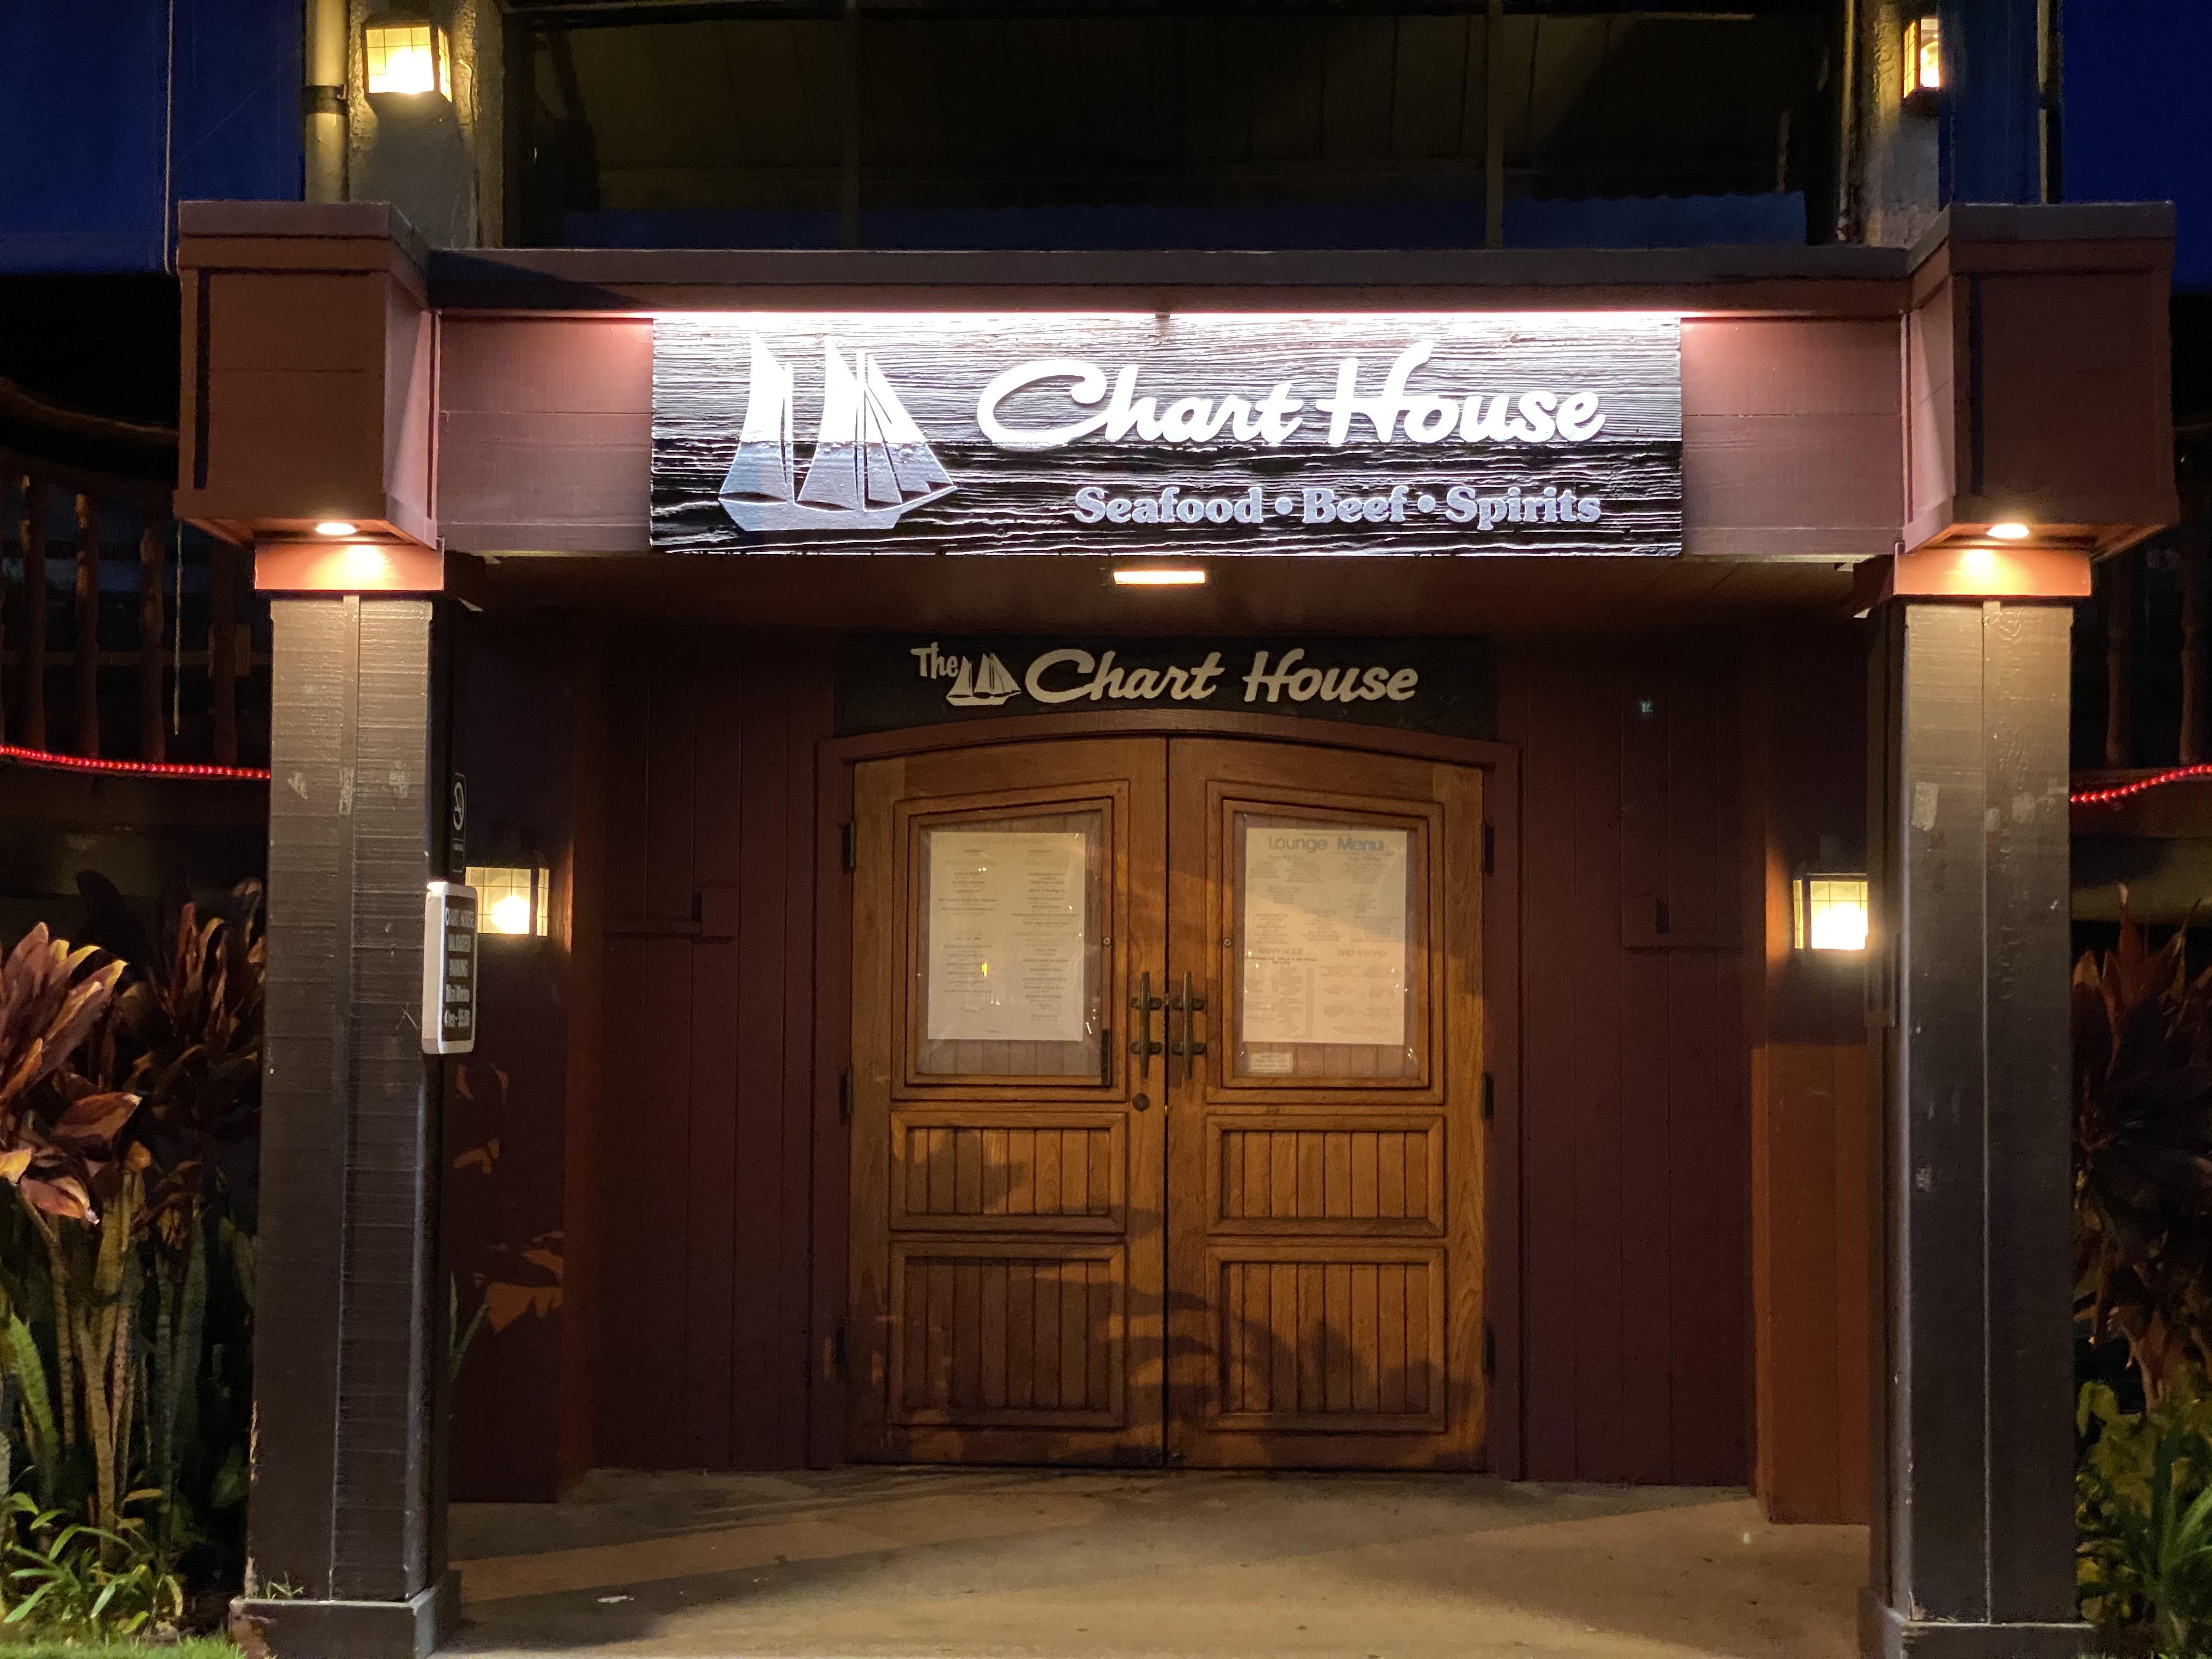 チャートハウス52年の歴史に幕